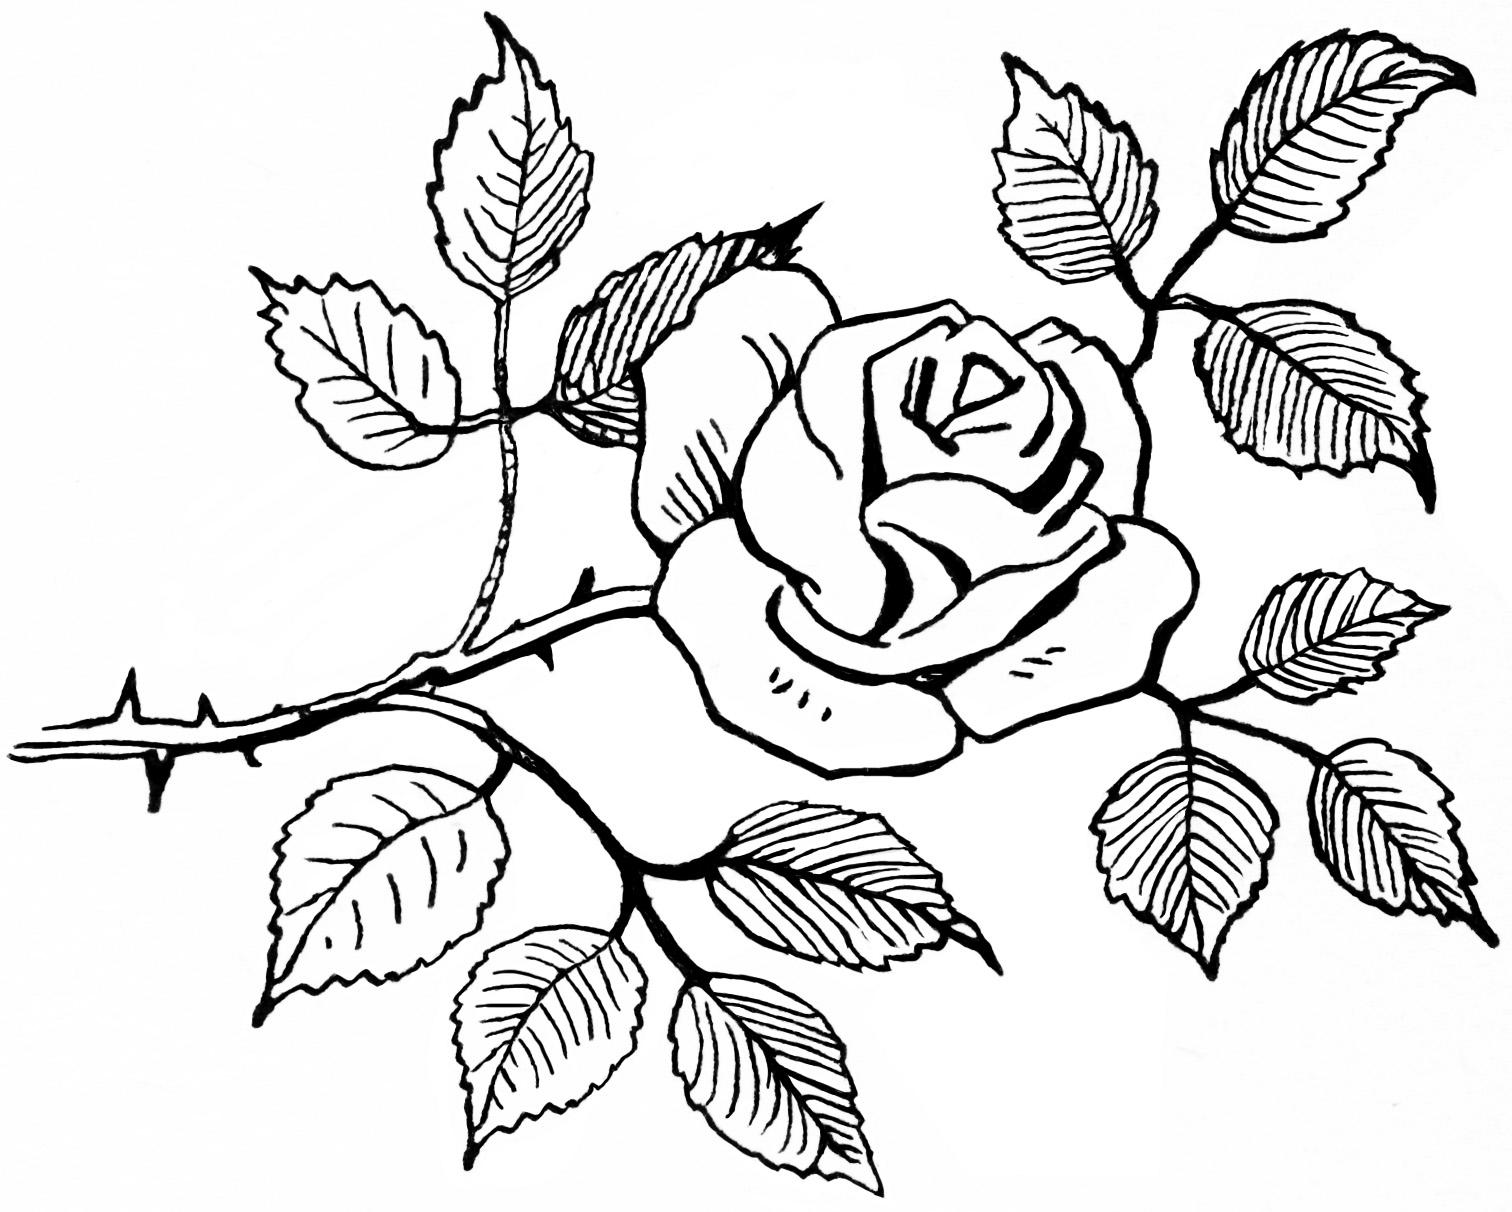 Tranh tô màu cành hồng đẹp